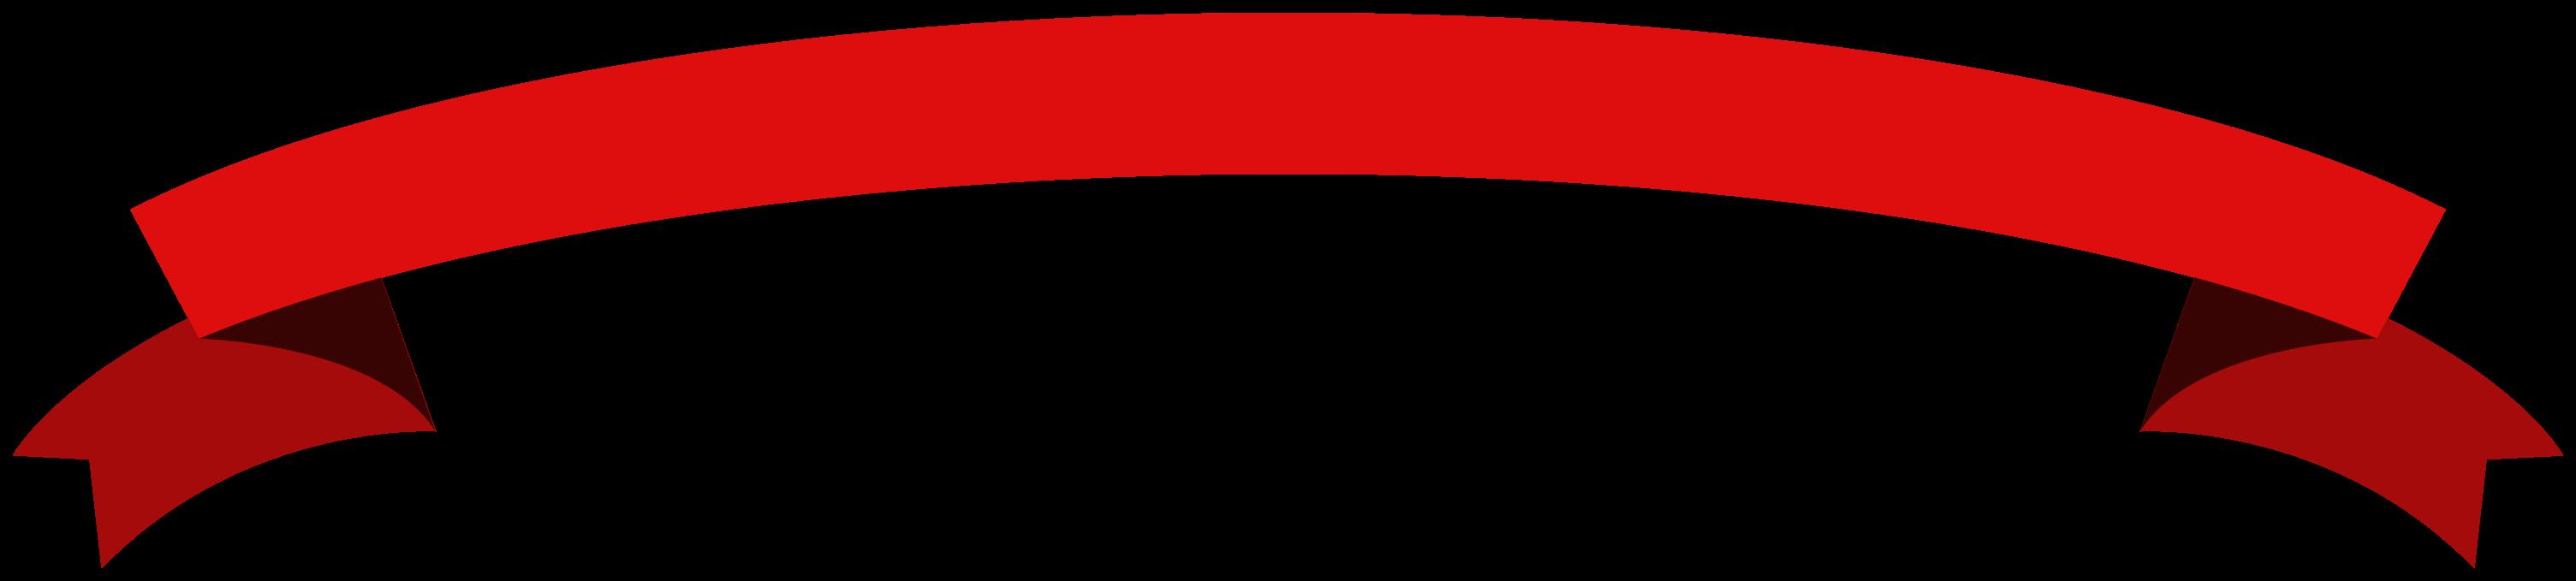 laço vermelho png